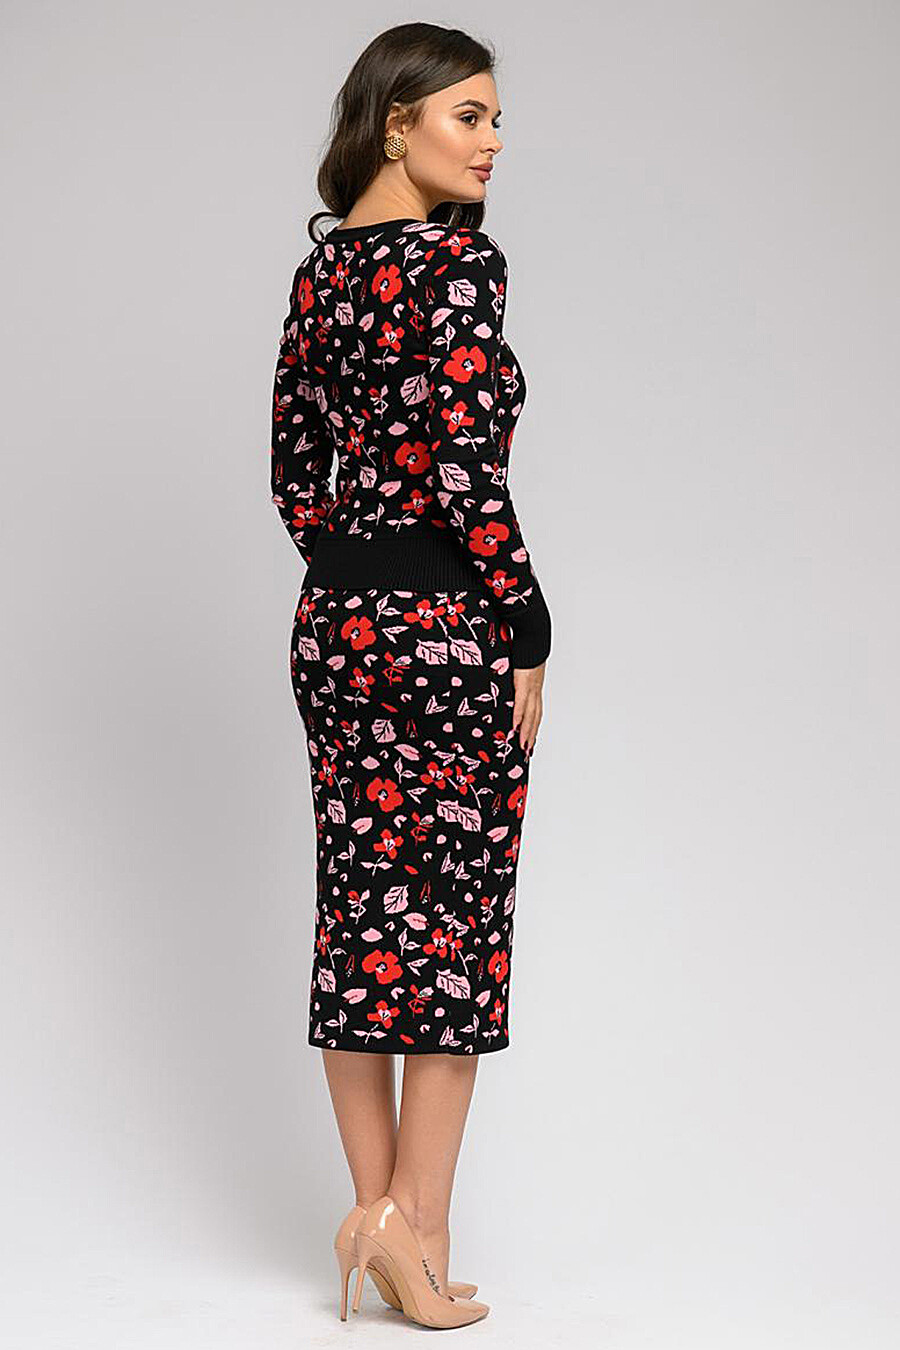 Юбка для женщин 1001 DRESS 169260 купить оптом от производителя. Совместная покупка женской одежды в OptMoyo